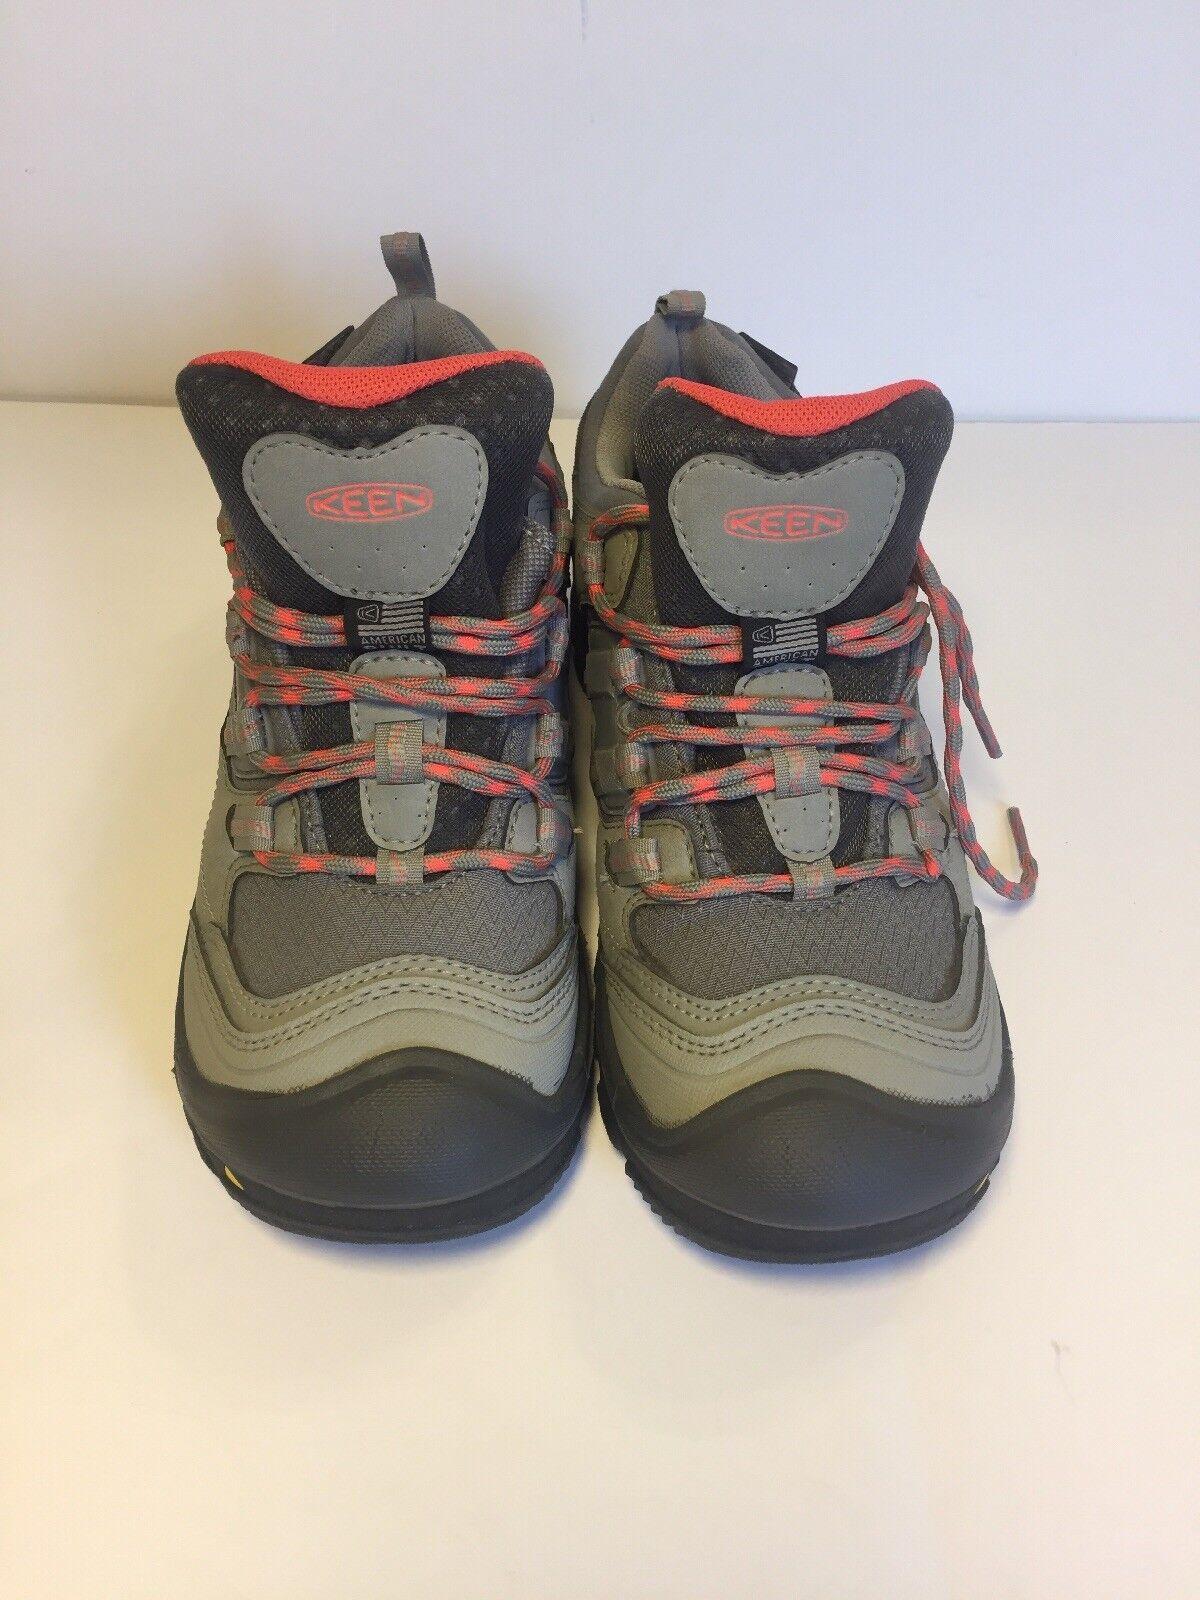 Keen Mujer Logan Neutral gris Hot Coral Talla 6.5  Nuevo Zapatos De Senderismo E9-38-51  a la venta